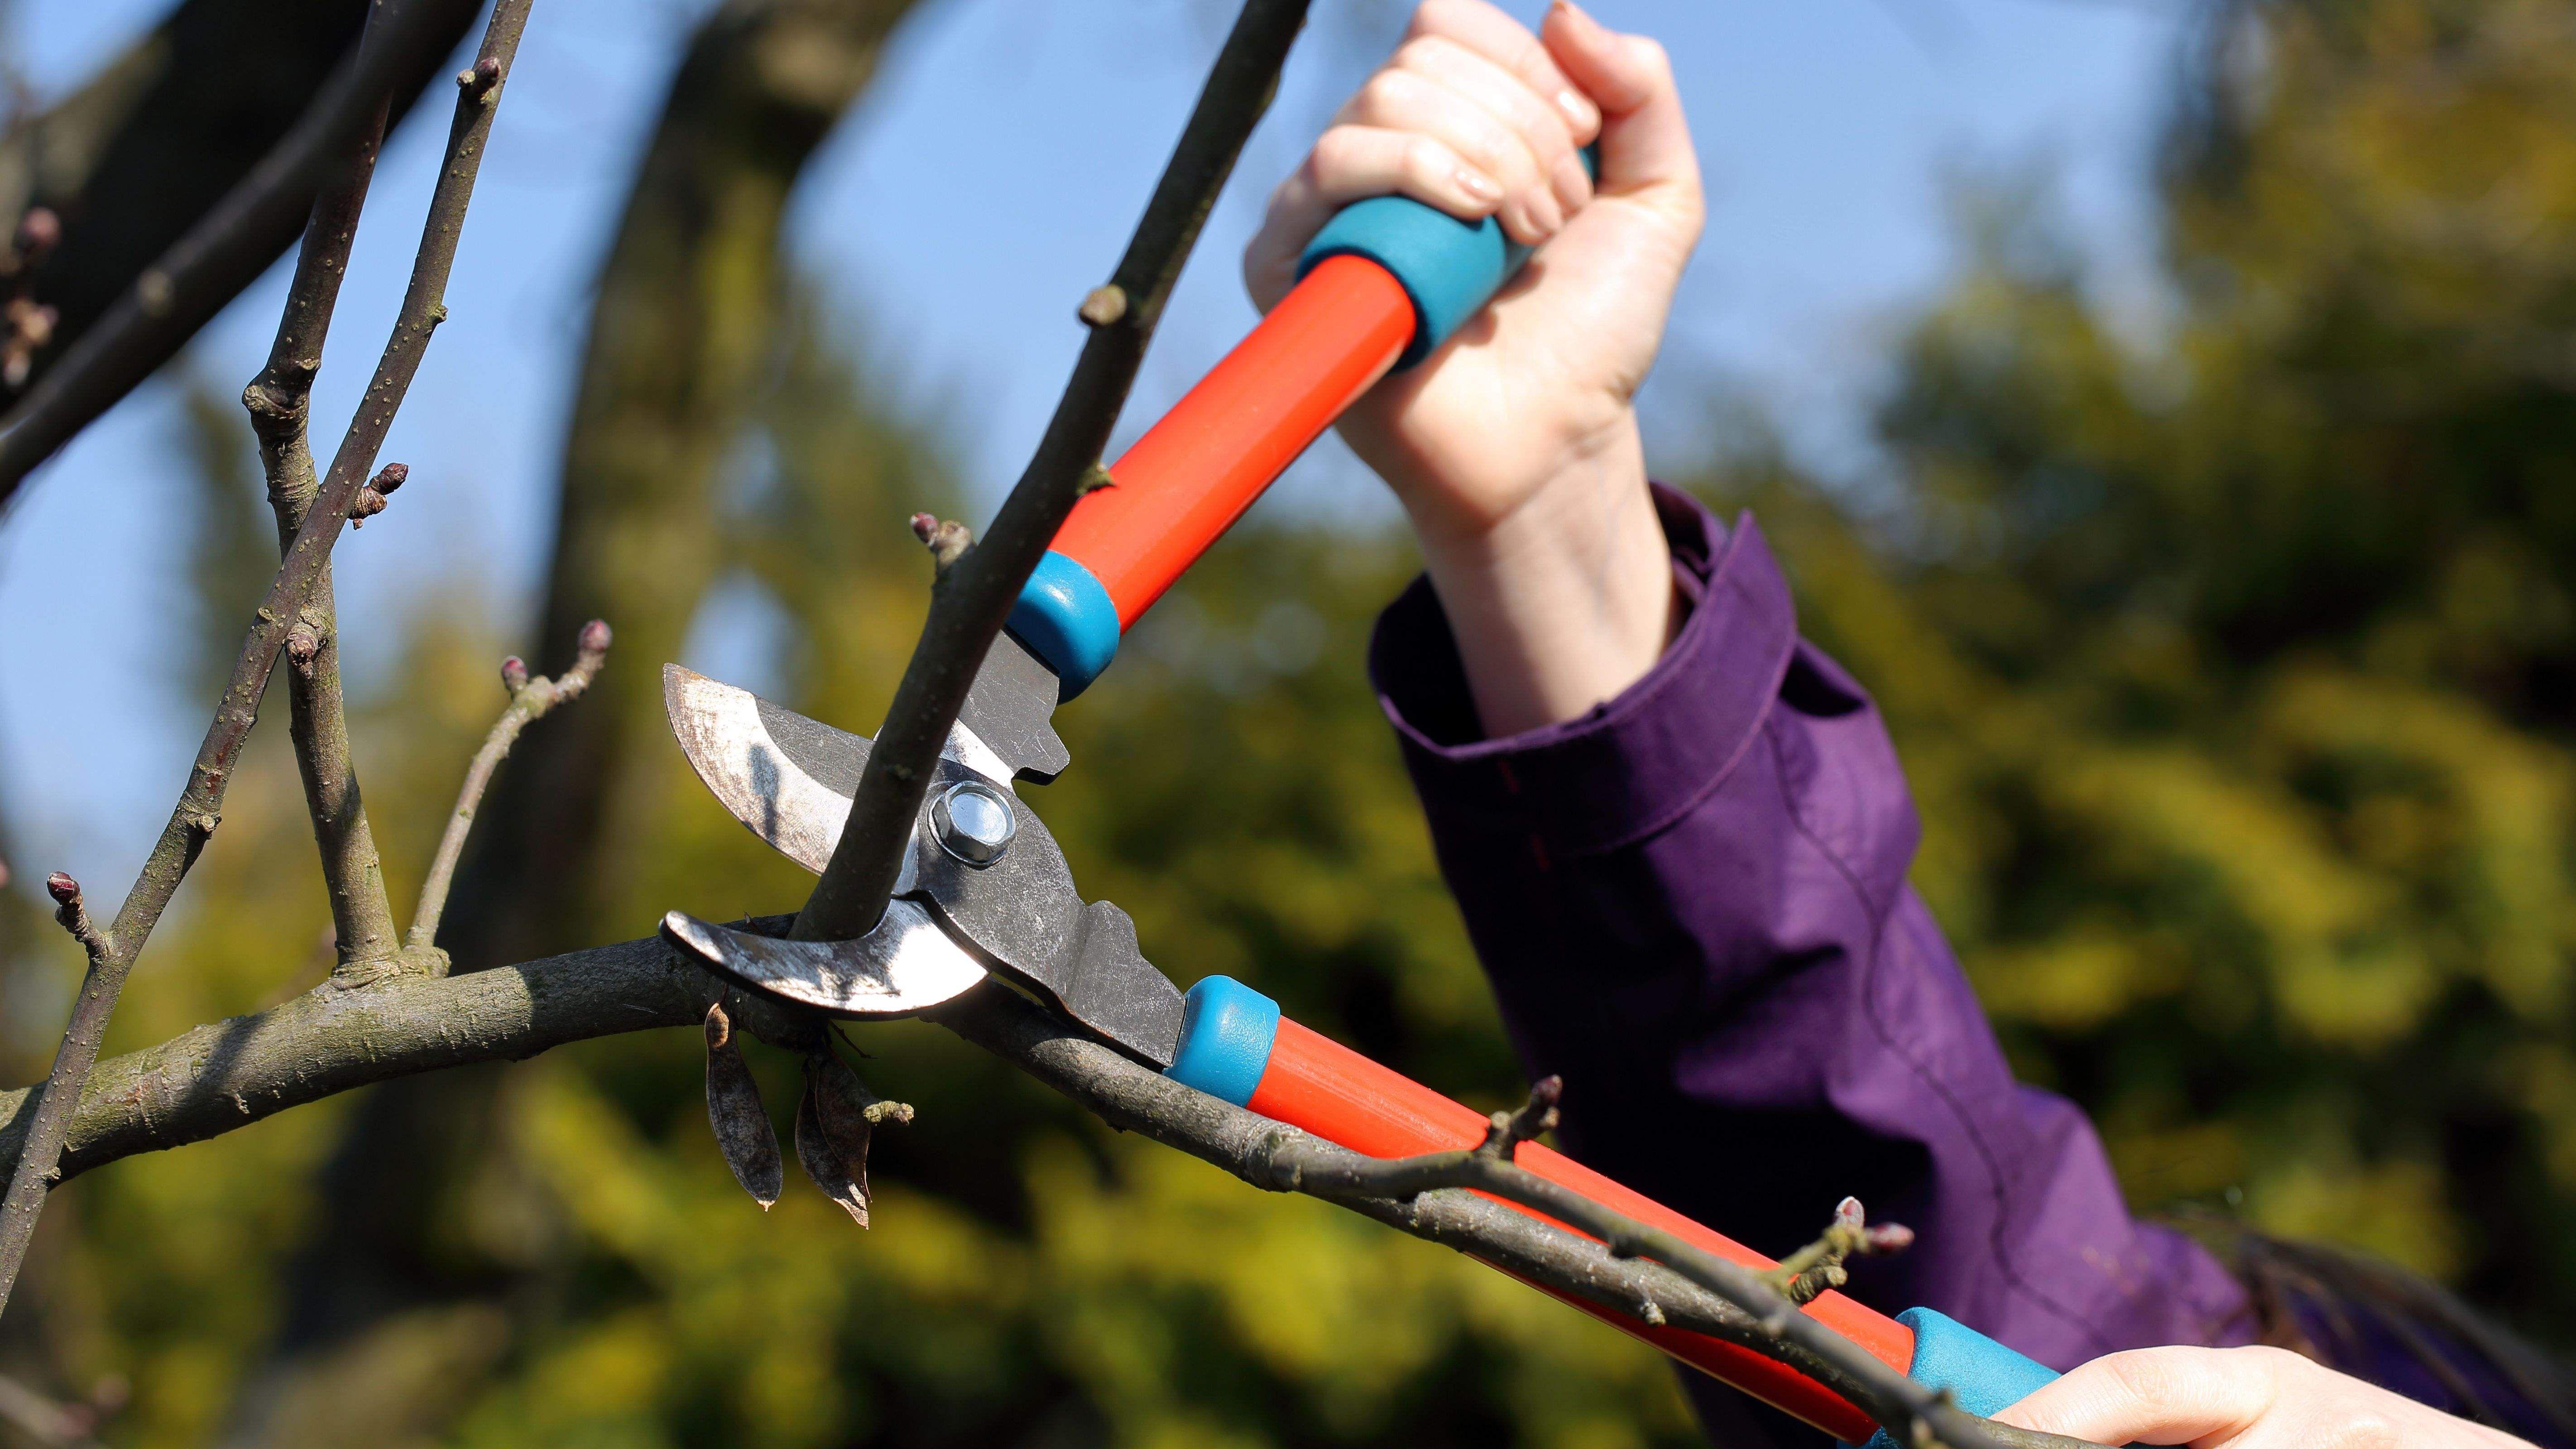 Come scegliere utensili a mano per potare rami e cespugli